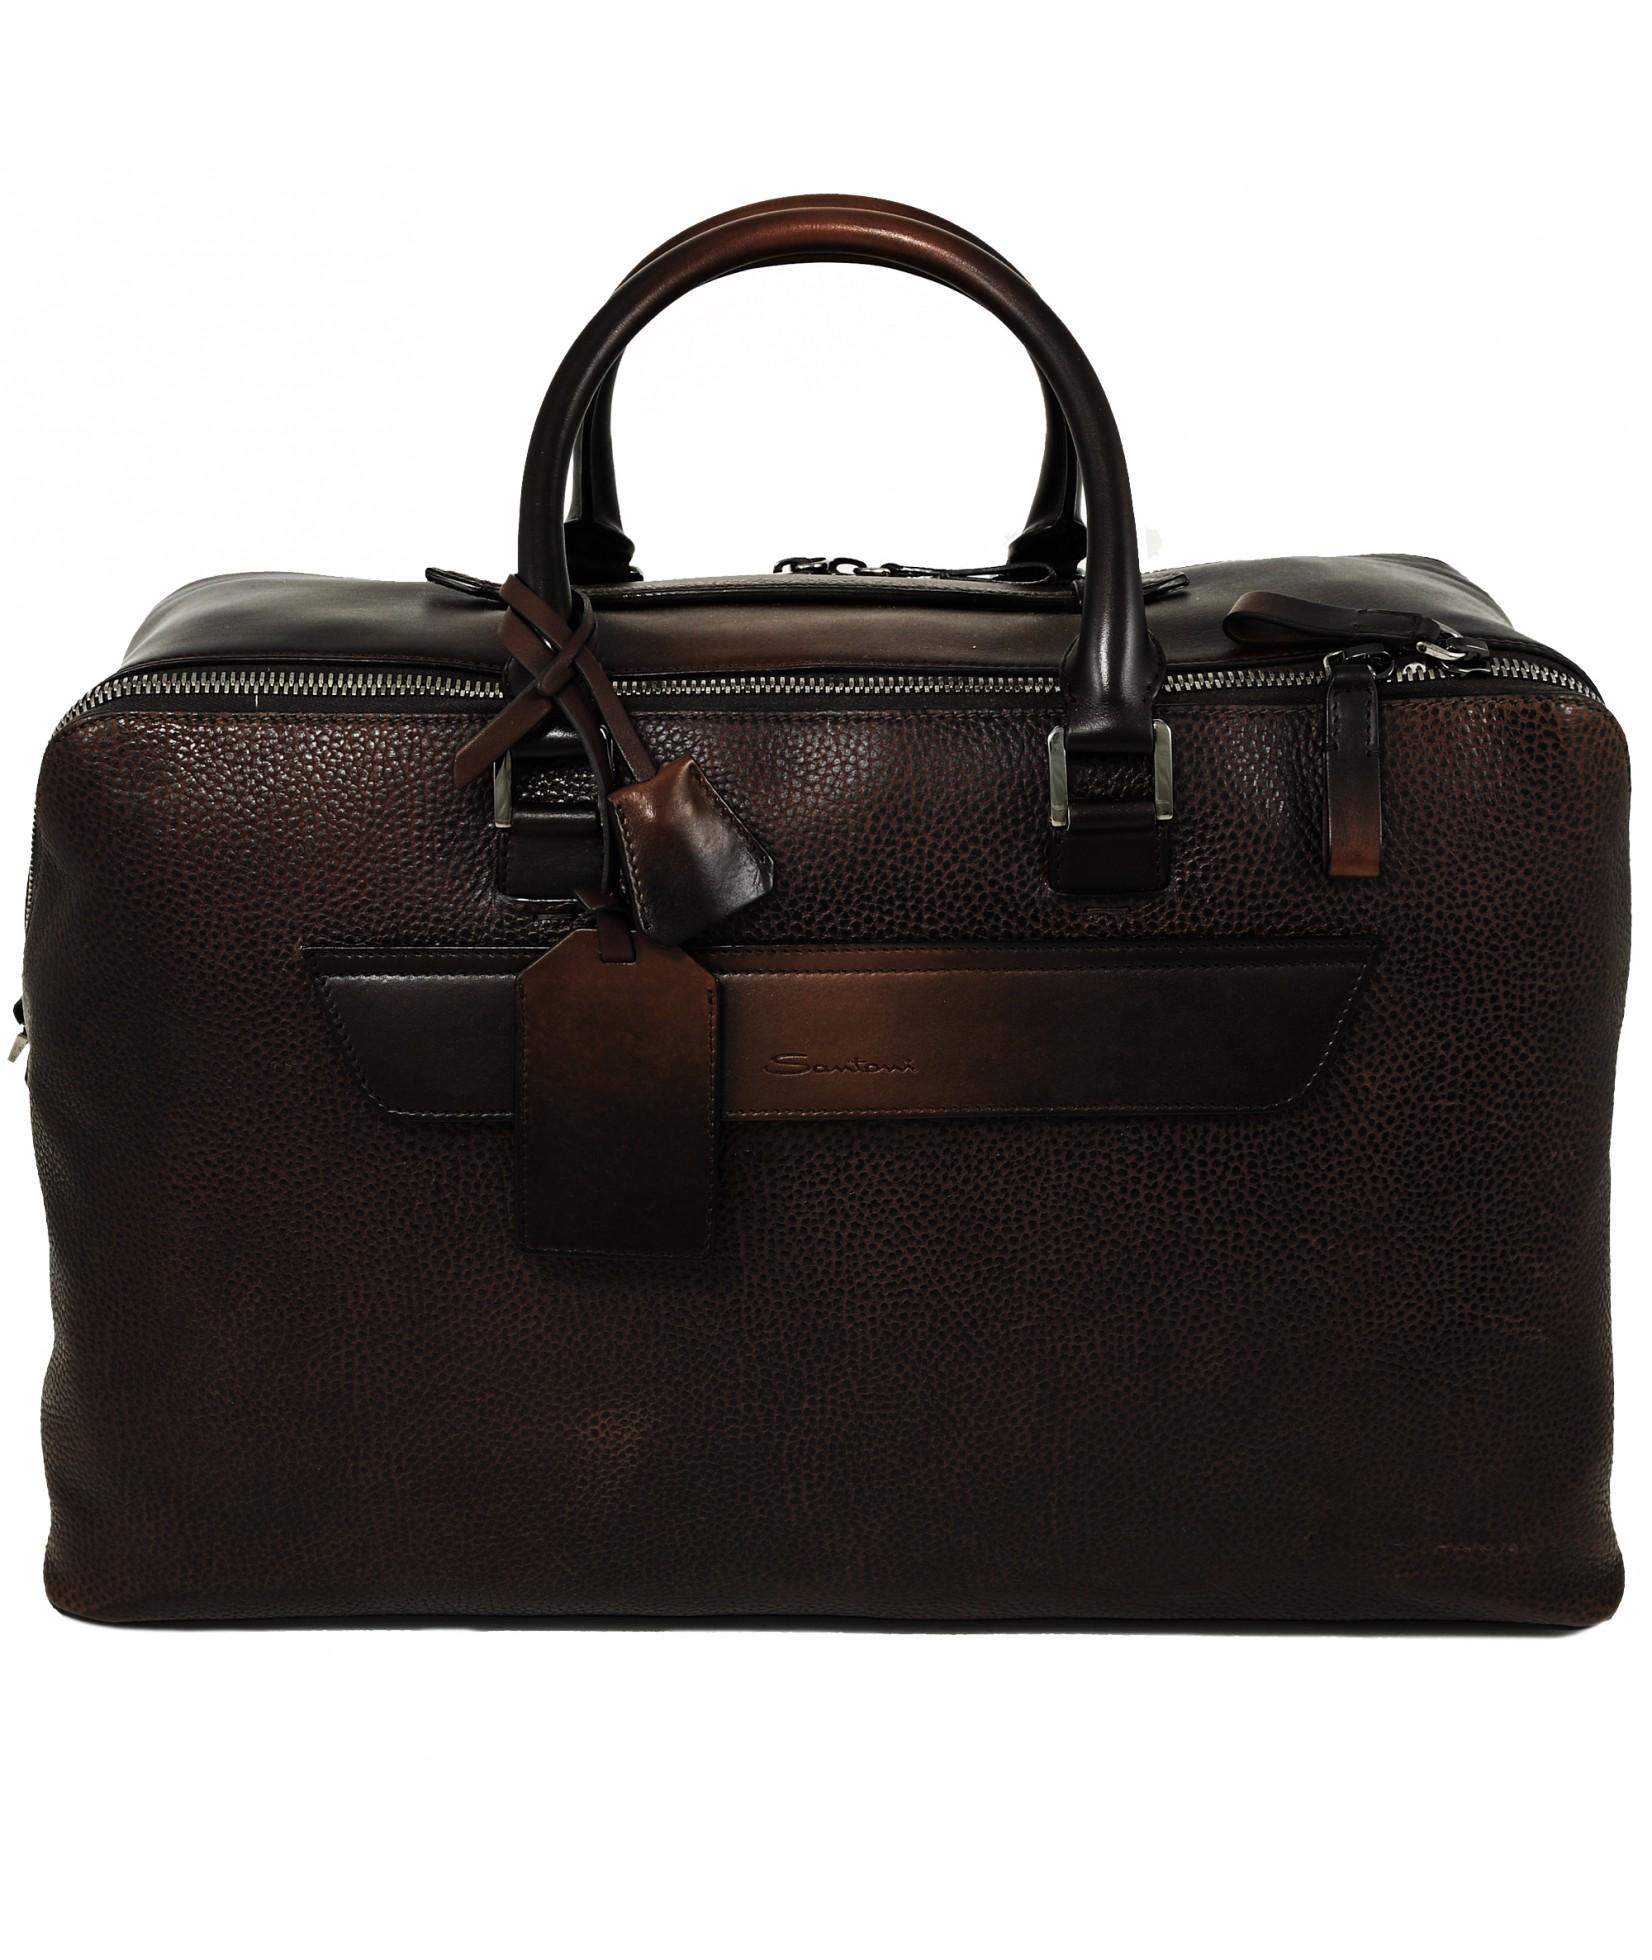 Santoni Travel Bag Dark Brown (31844)